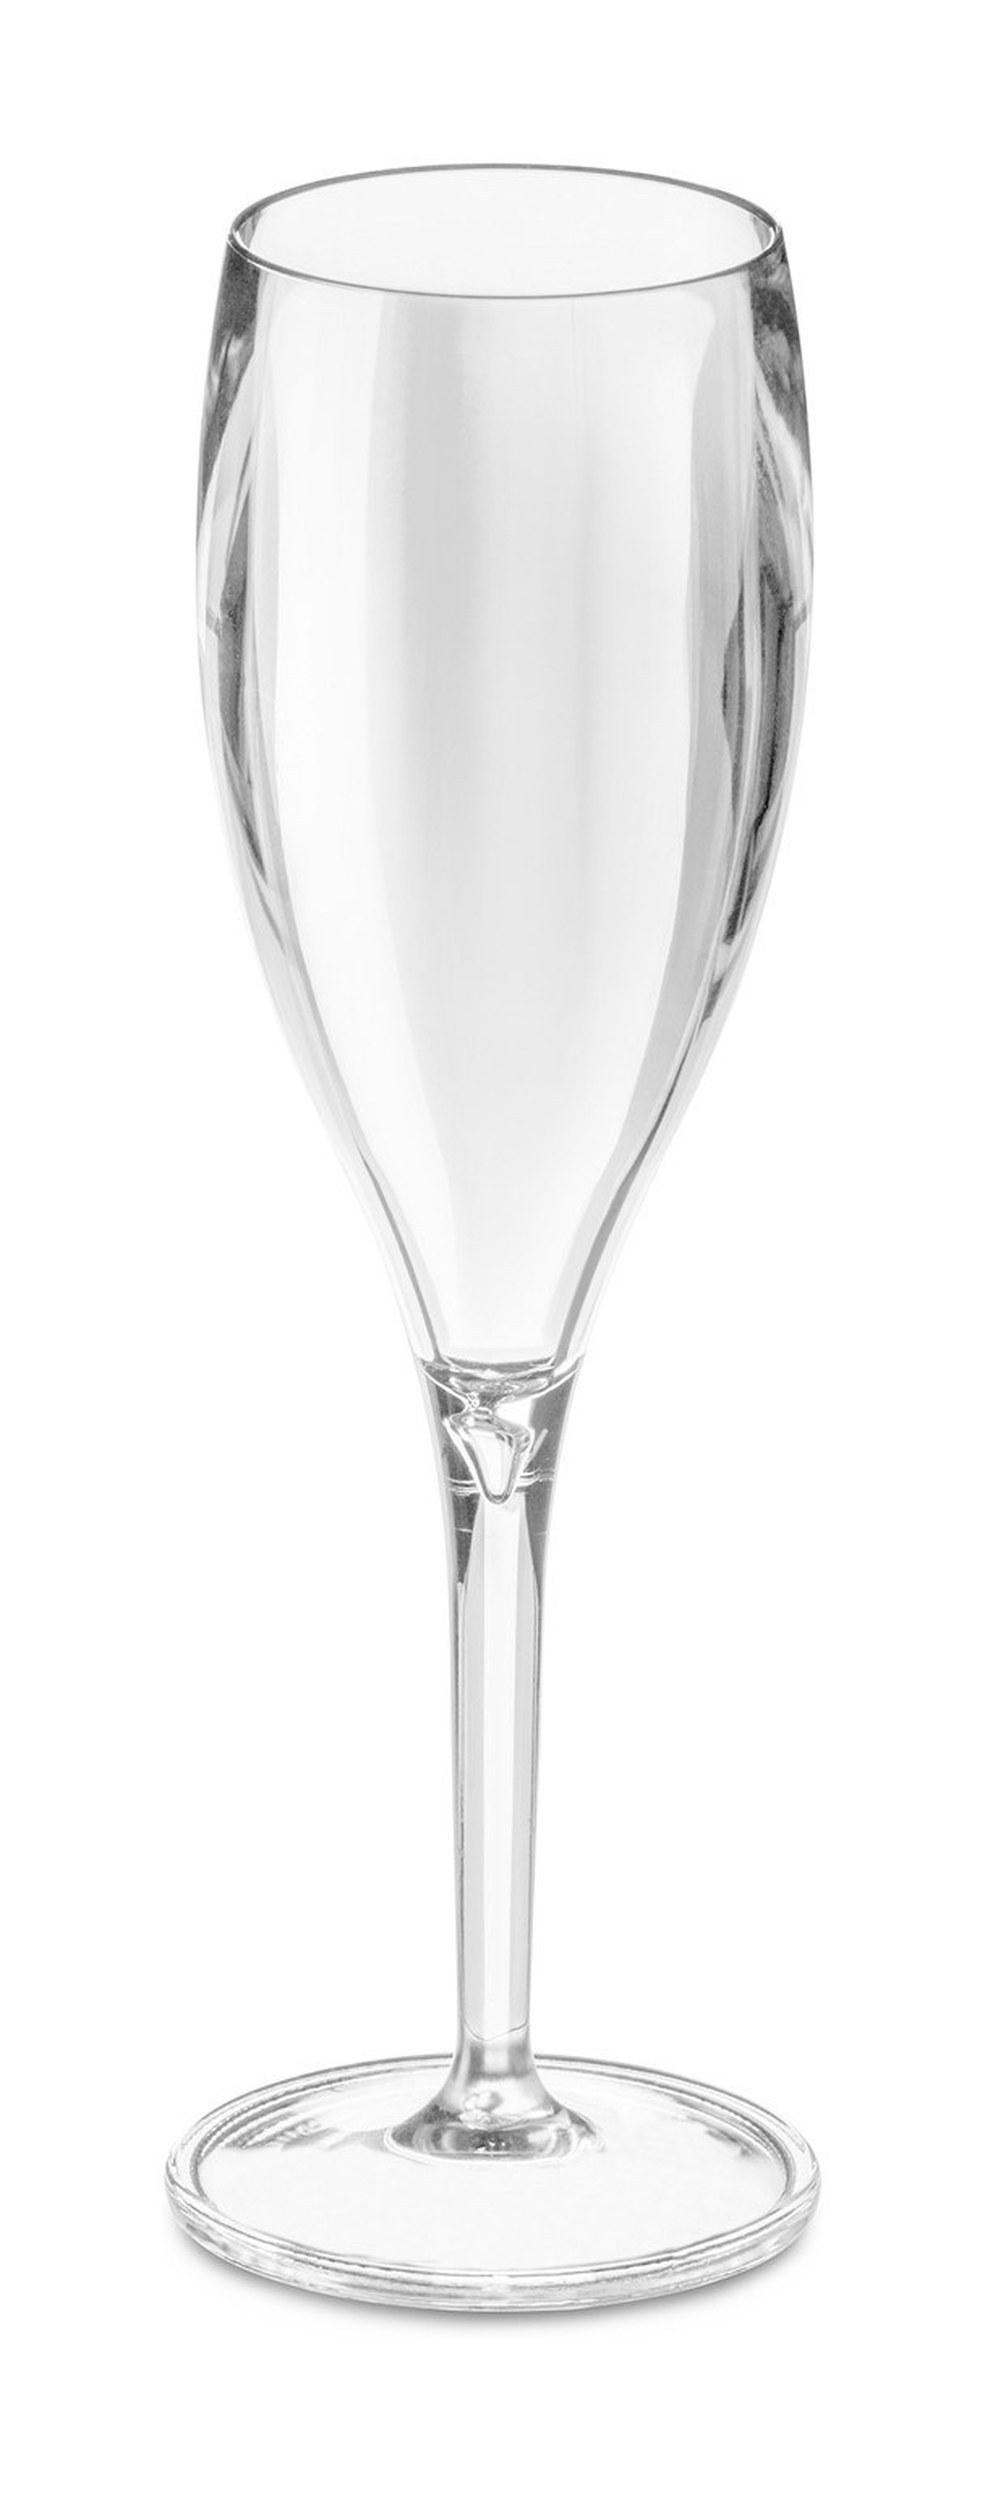 Kieliszki do szampana Cheers 4 szt. przezroczyste